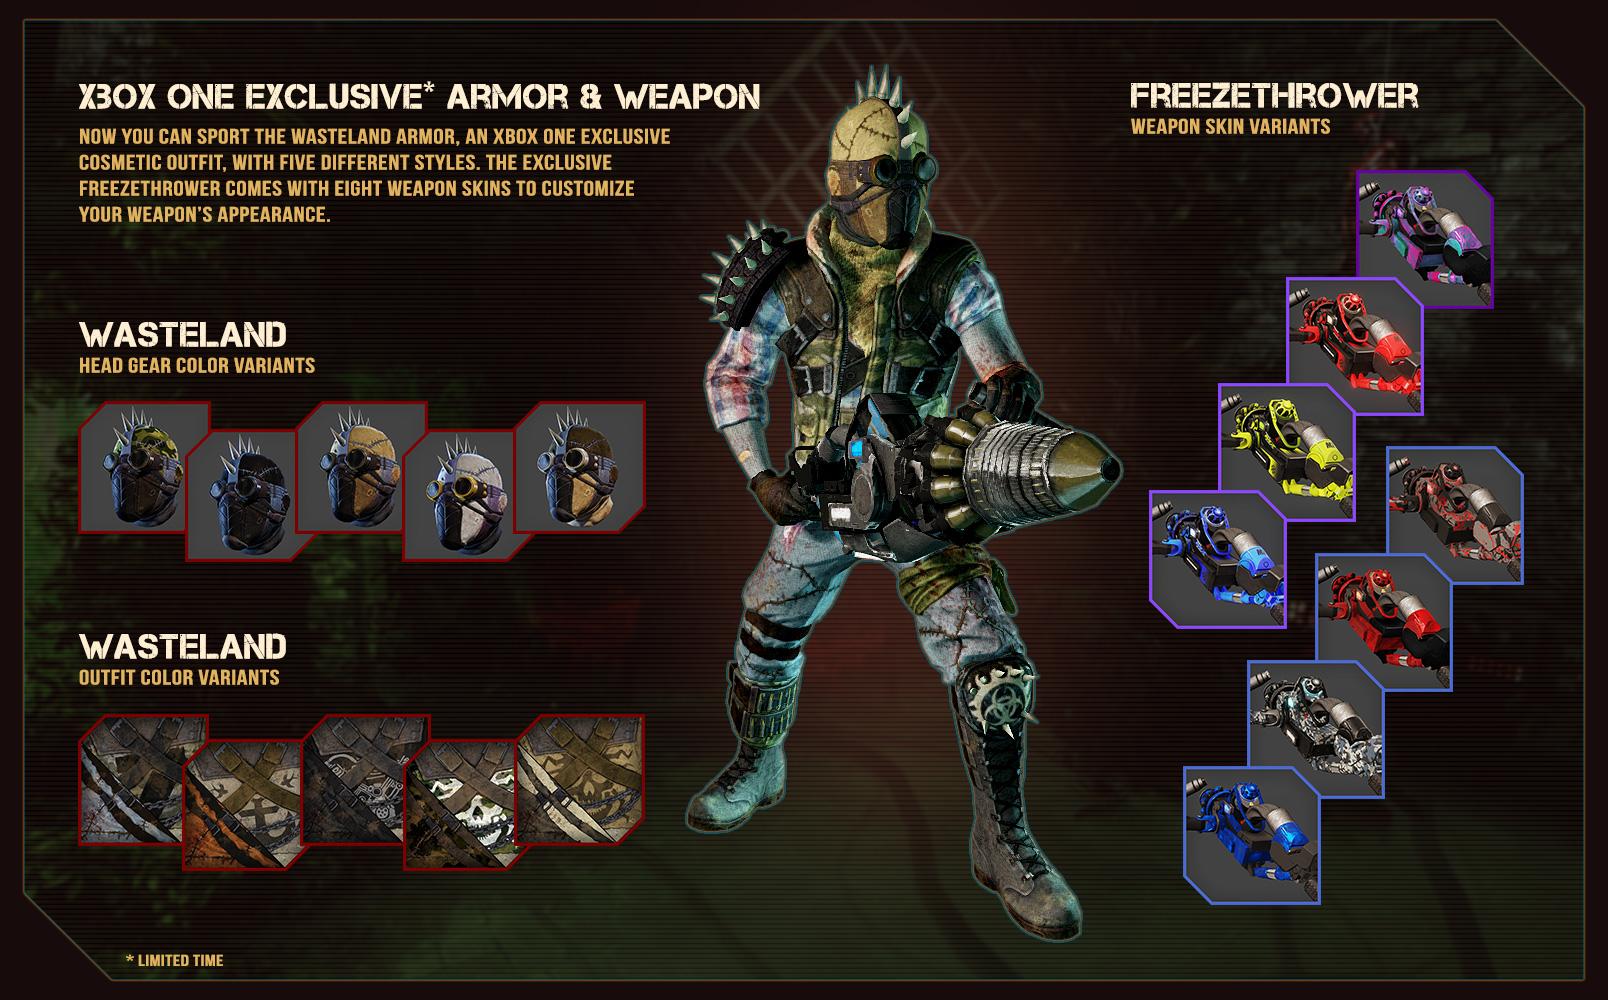 Killing-Floor-2-Xbox-Exclusive-Content.jpg